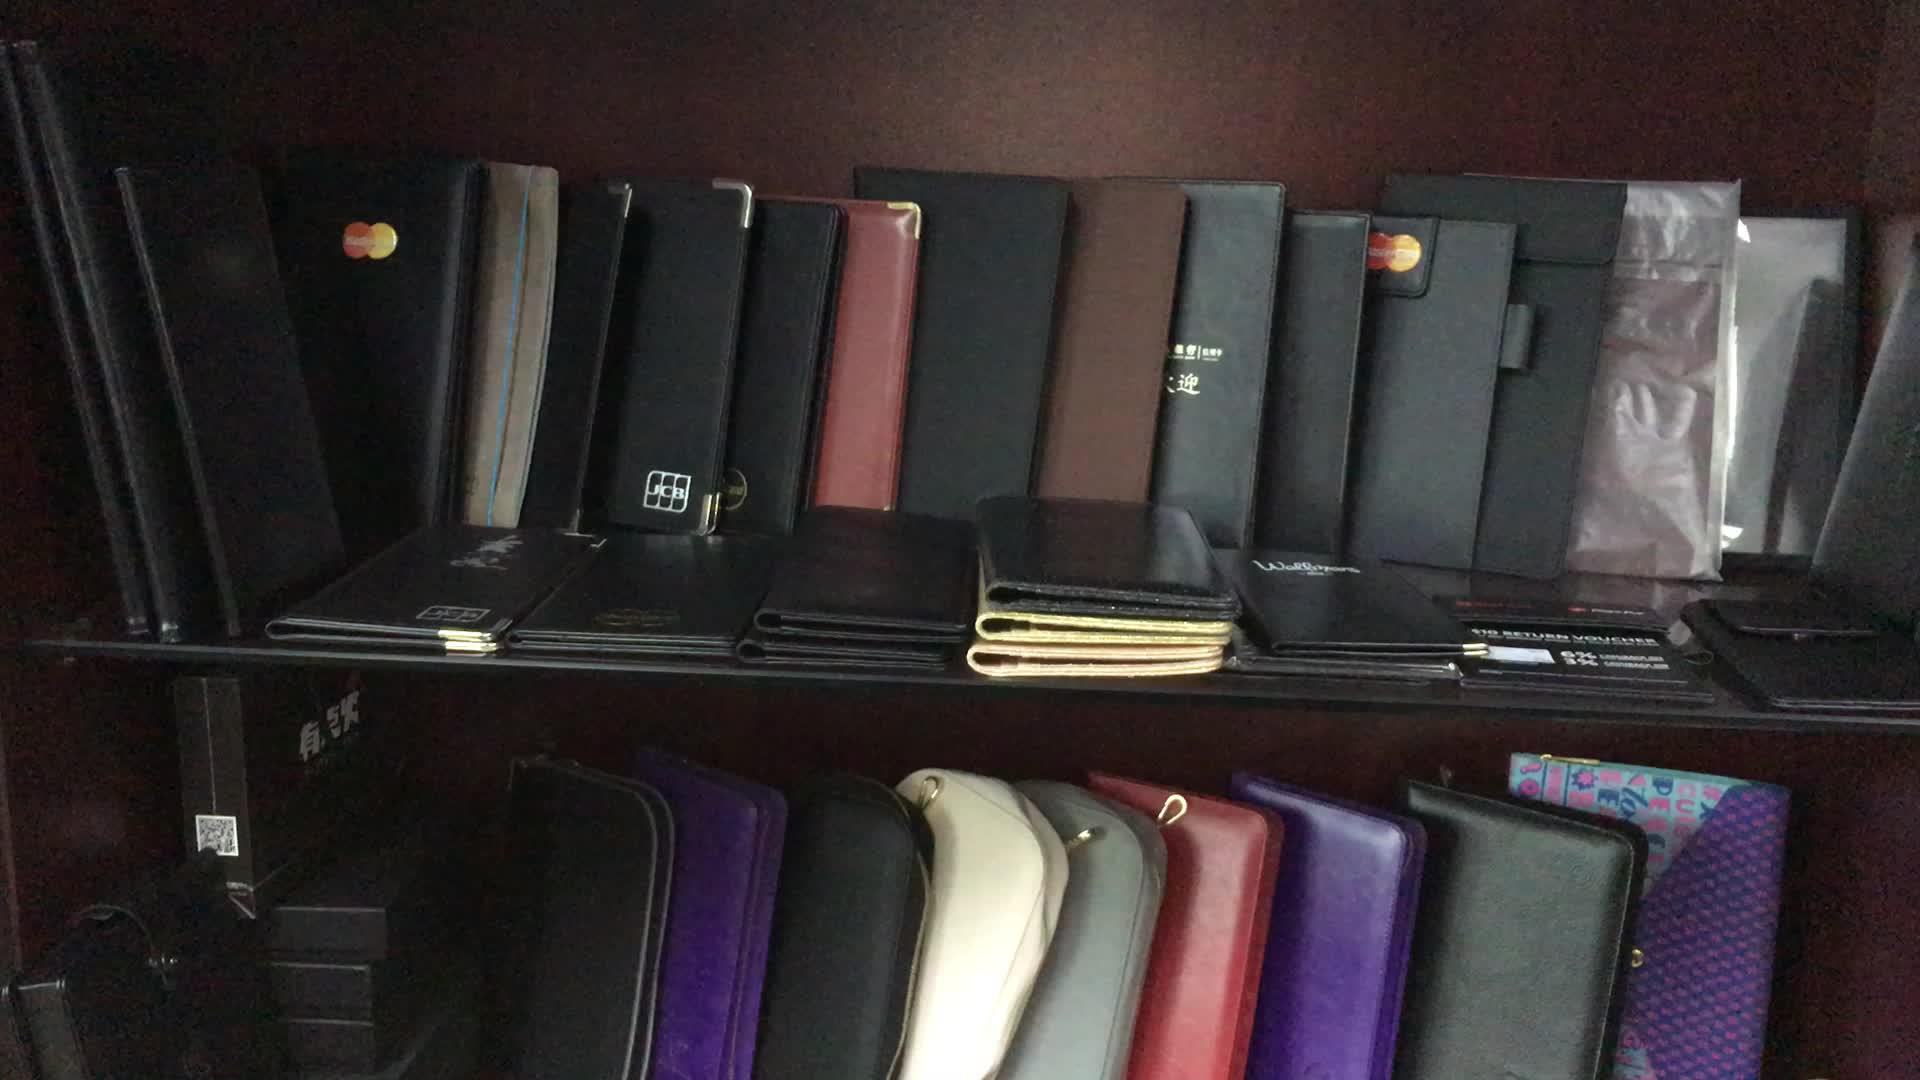 Multifungsi Kulit Bisnis Padfolio Portofolio Arsip Folder A4 Dokumen Tas Organizer Notepad Holder Tas dengan Ritsleting